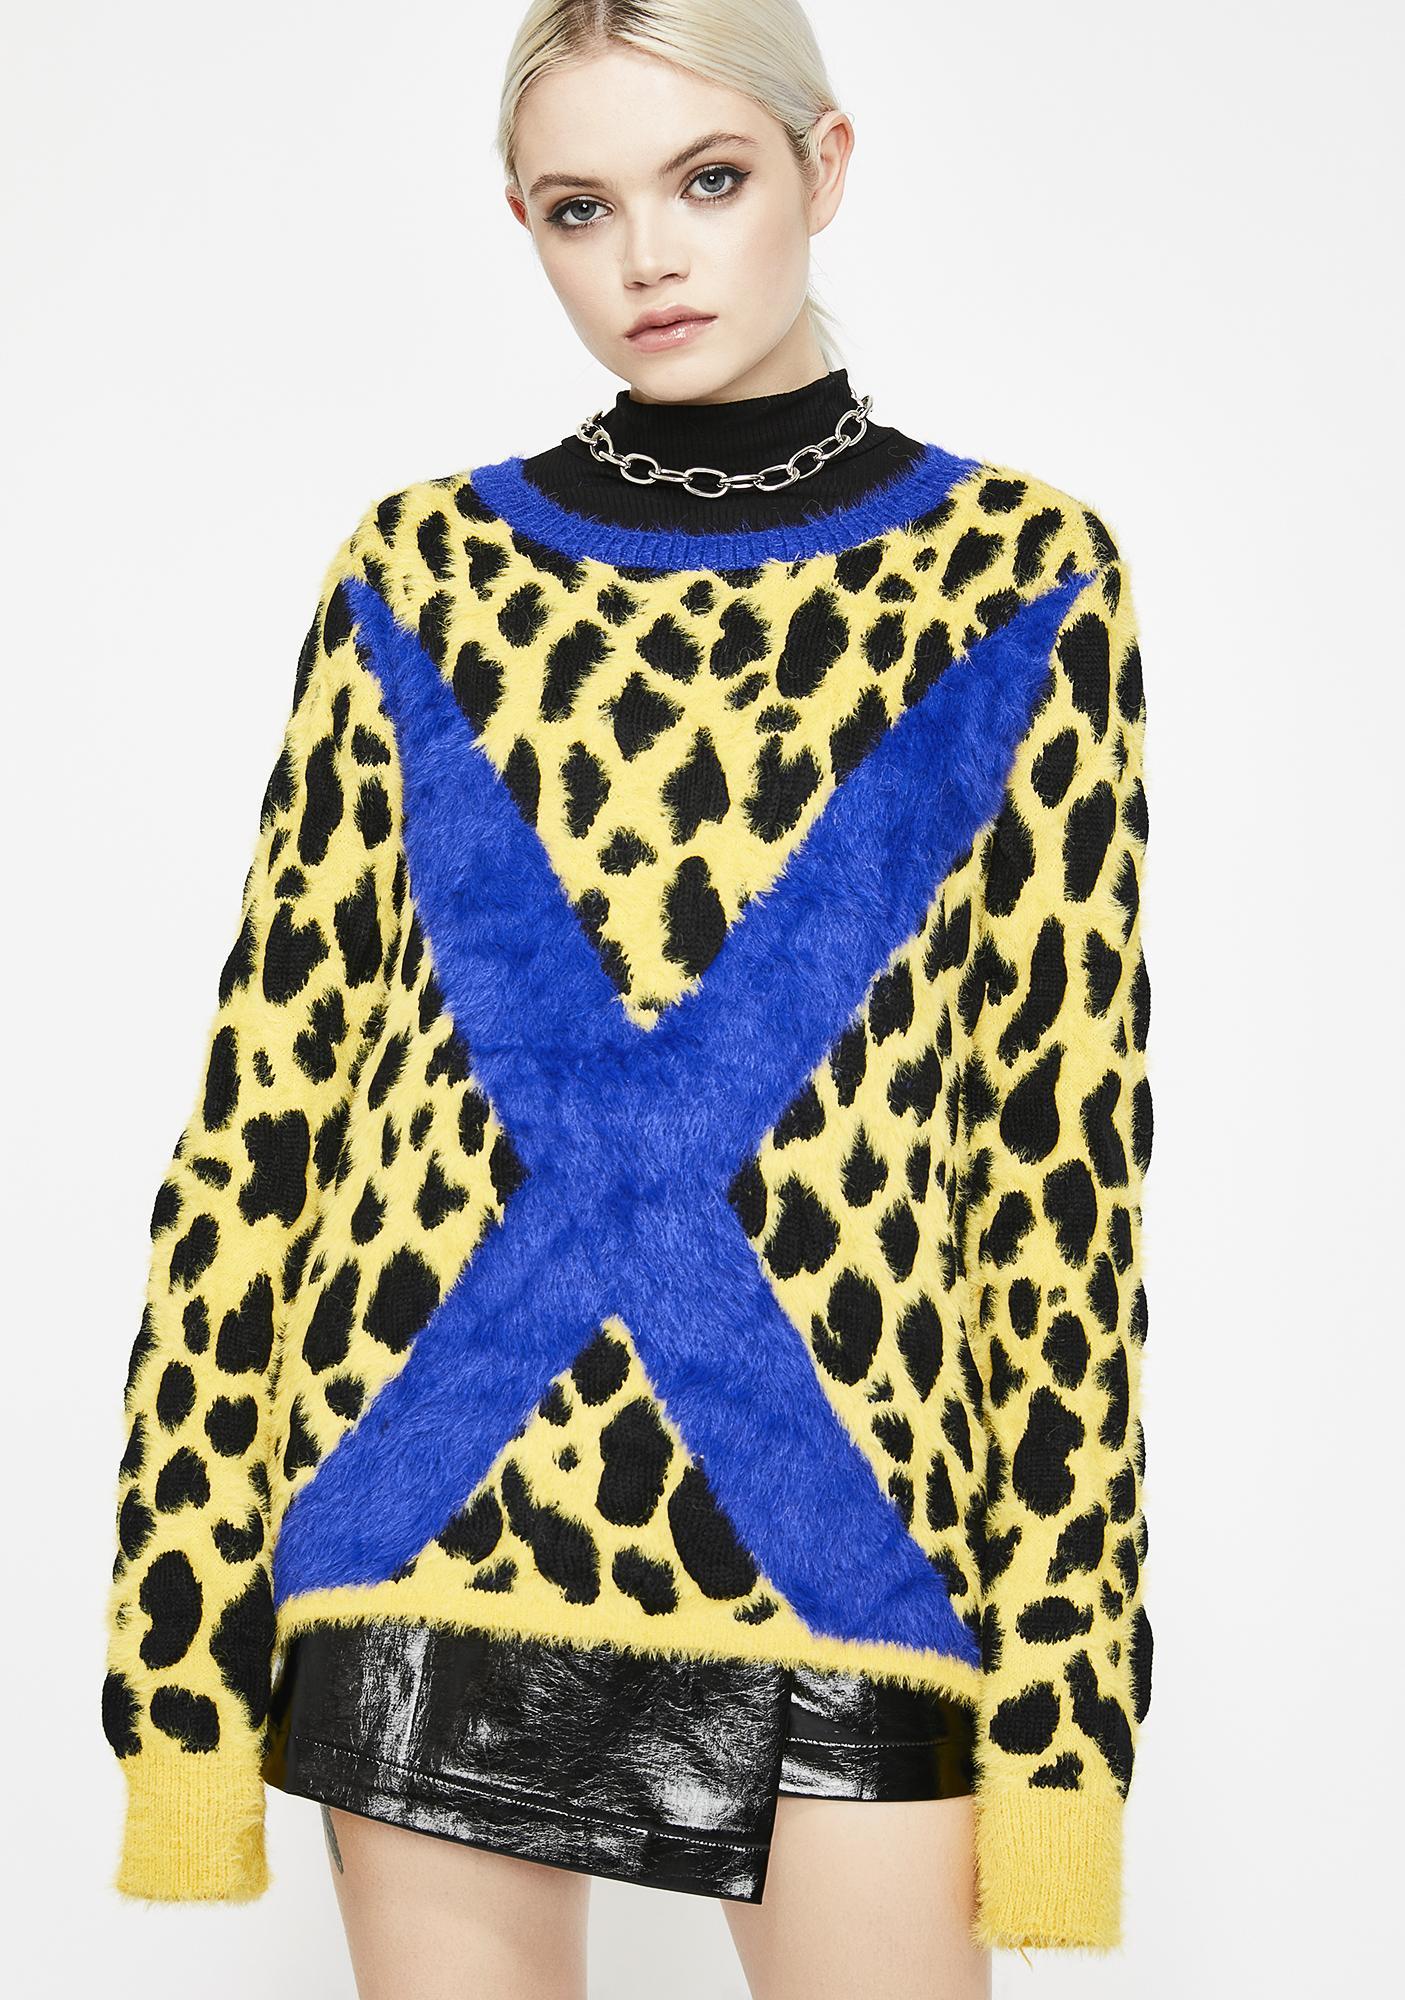 852ad5967a92b2 Graphic X Leopard Fuzzy Sweater   Dolls Kill